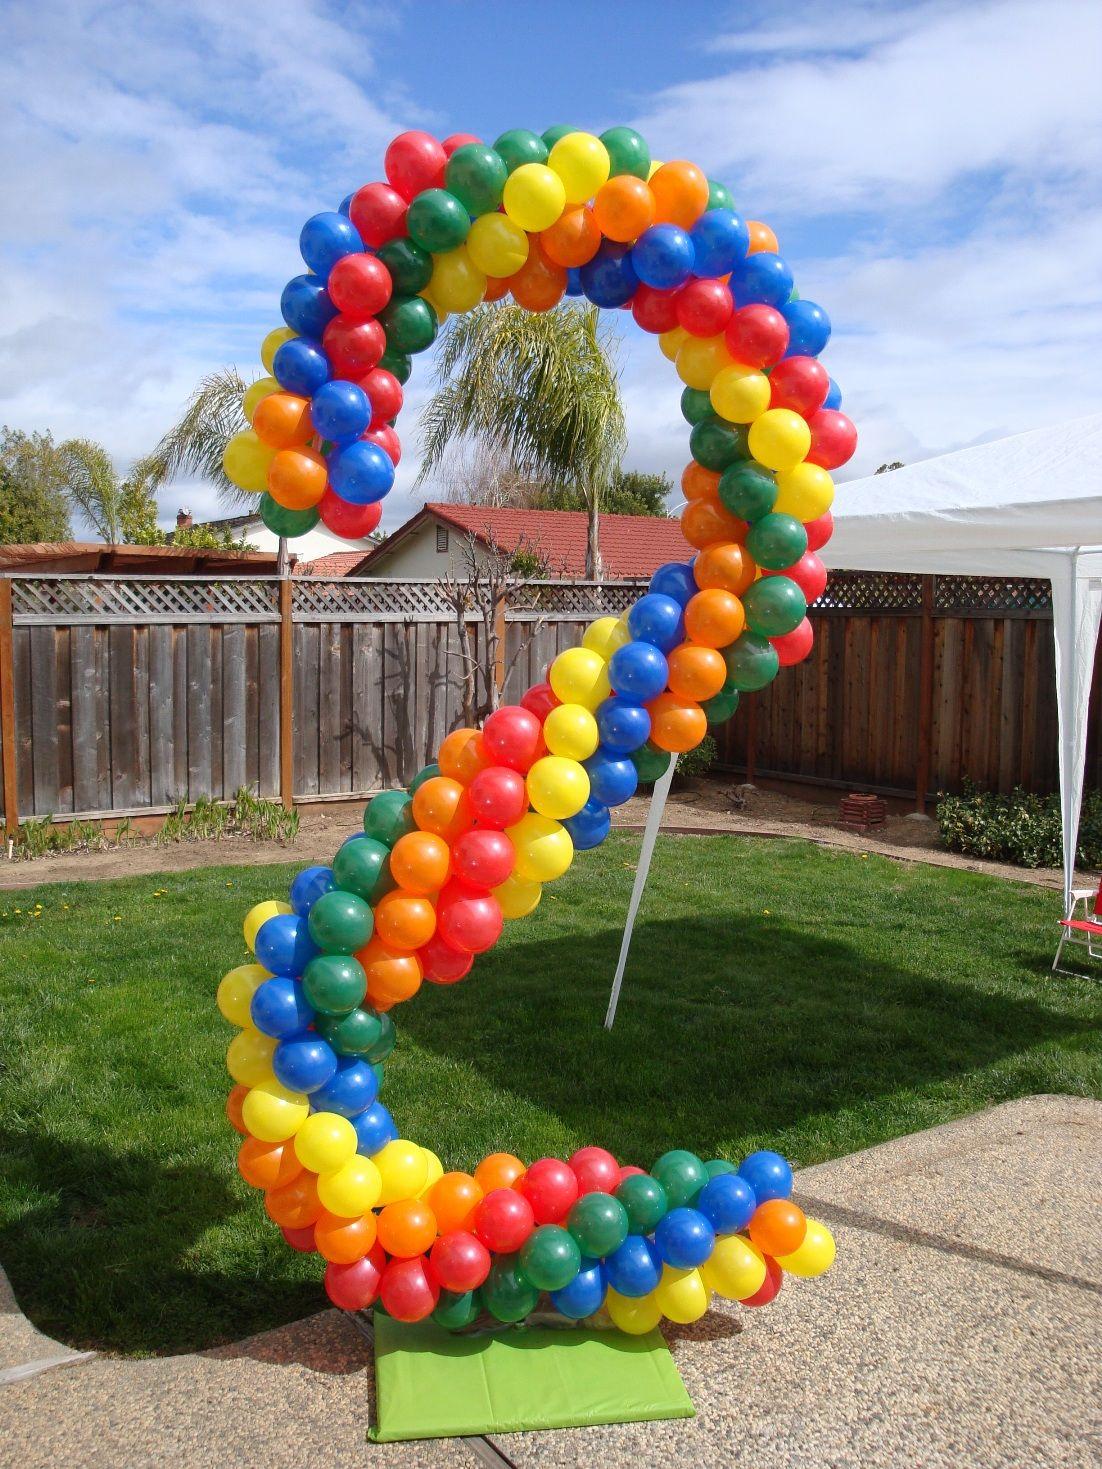 wwwpartyfiestadecorcom wwwpartyfiestadecorcom PARTY FIESTA BALLOON DECOR